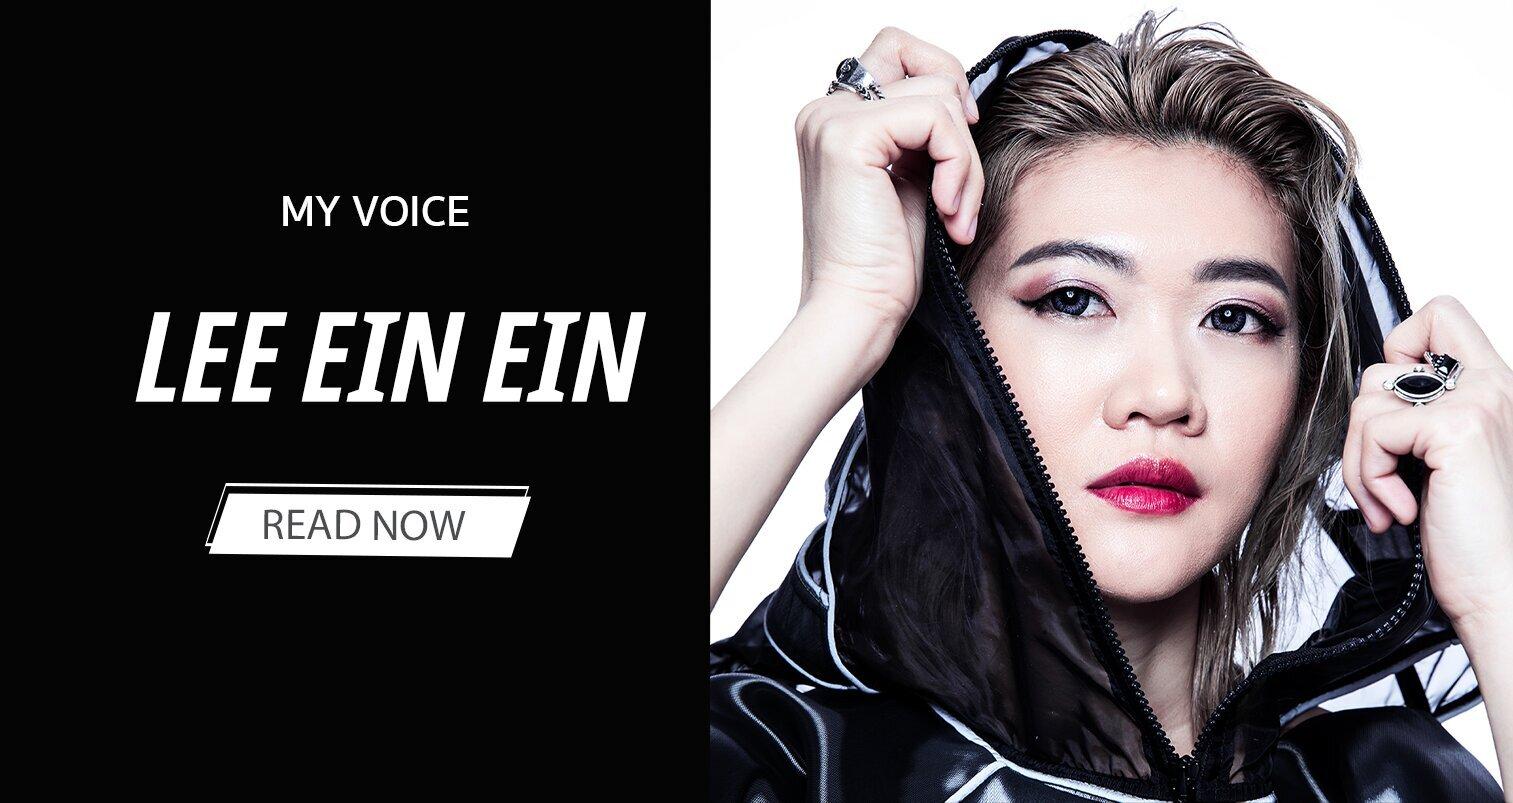 MY VOICE feat. Lee Ein Ein